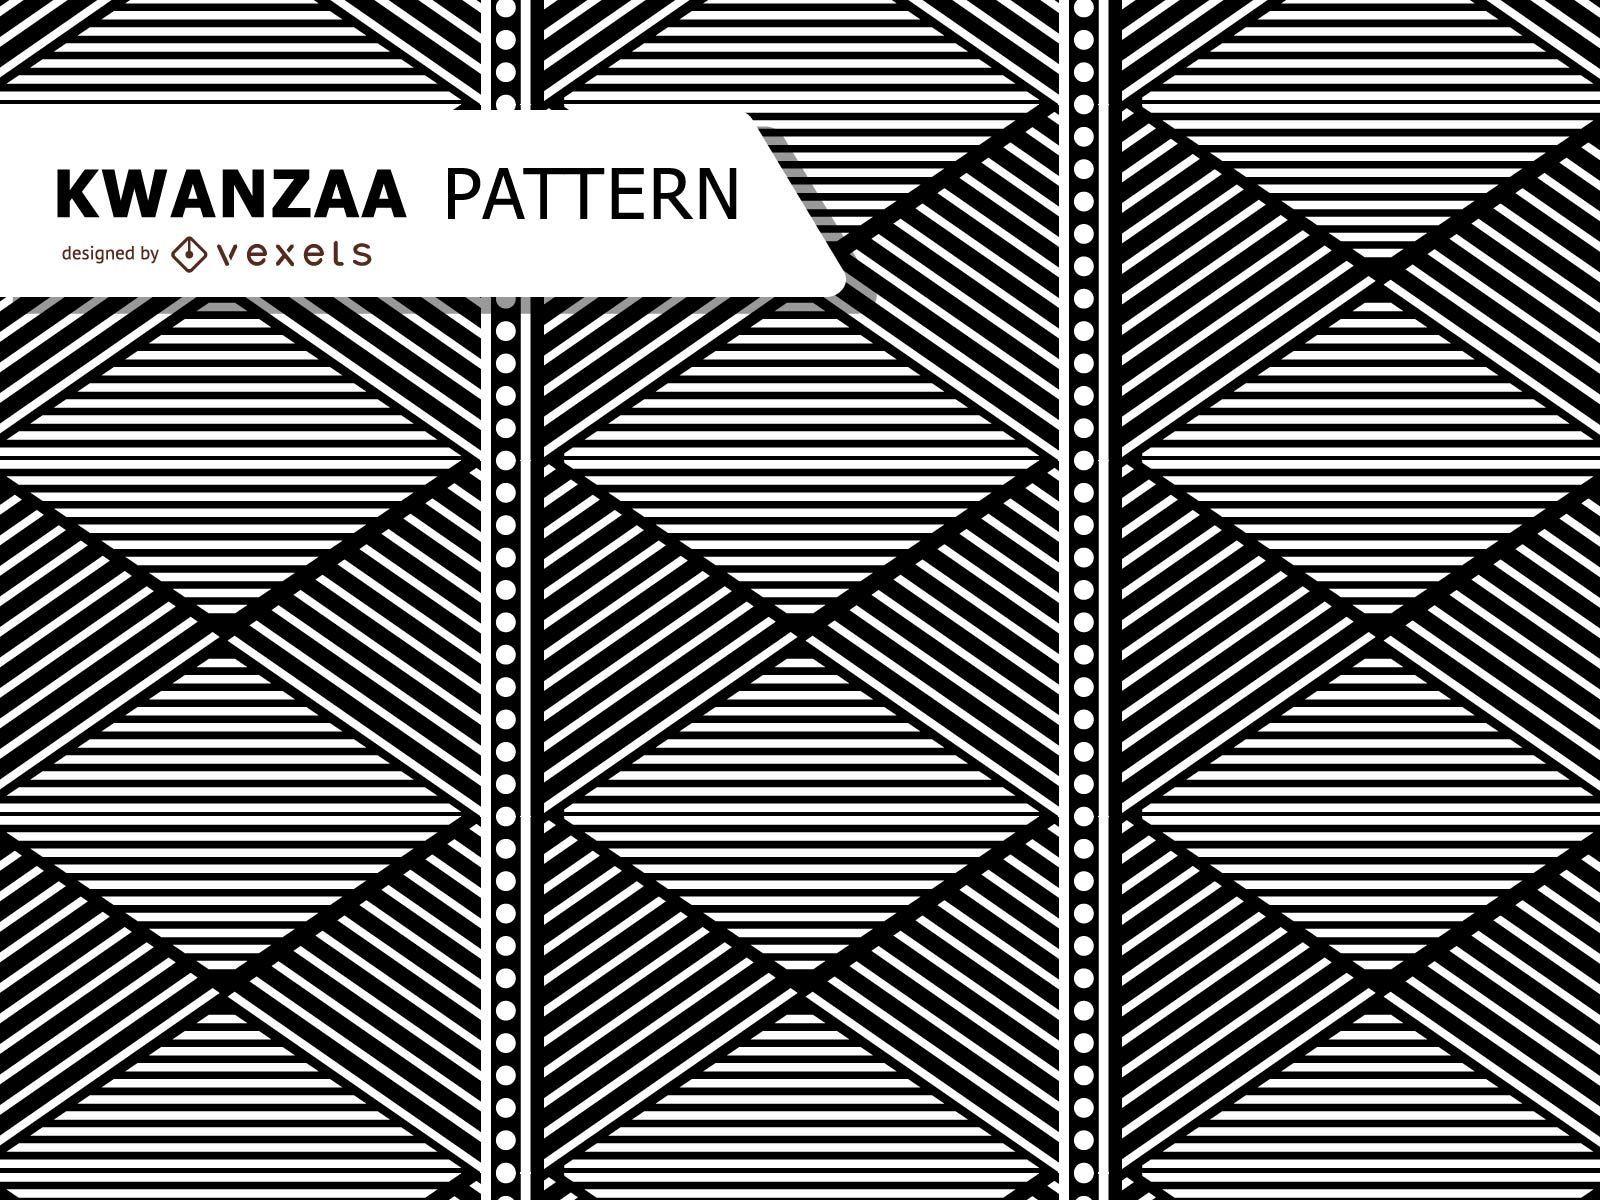 Black and white geometric Kwanzaa pattern